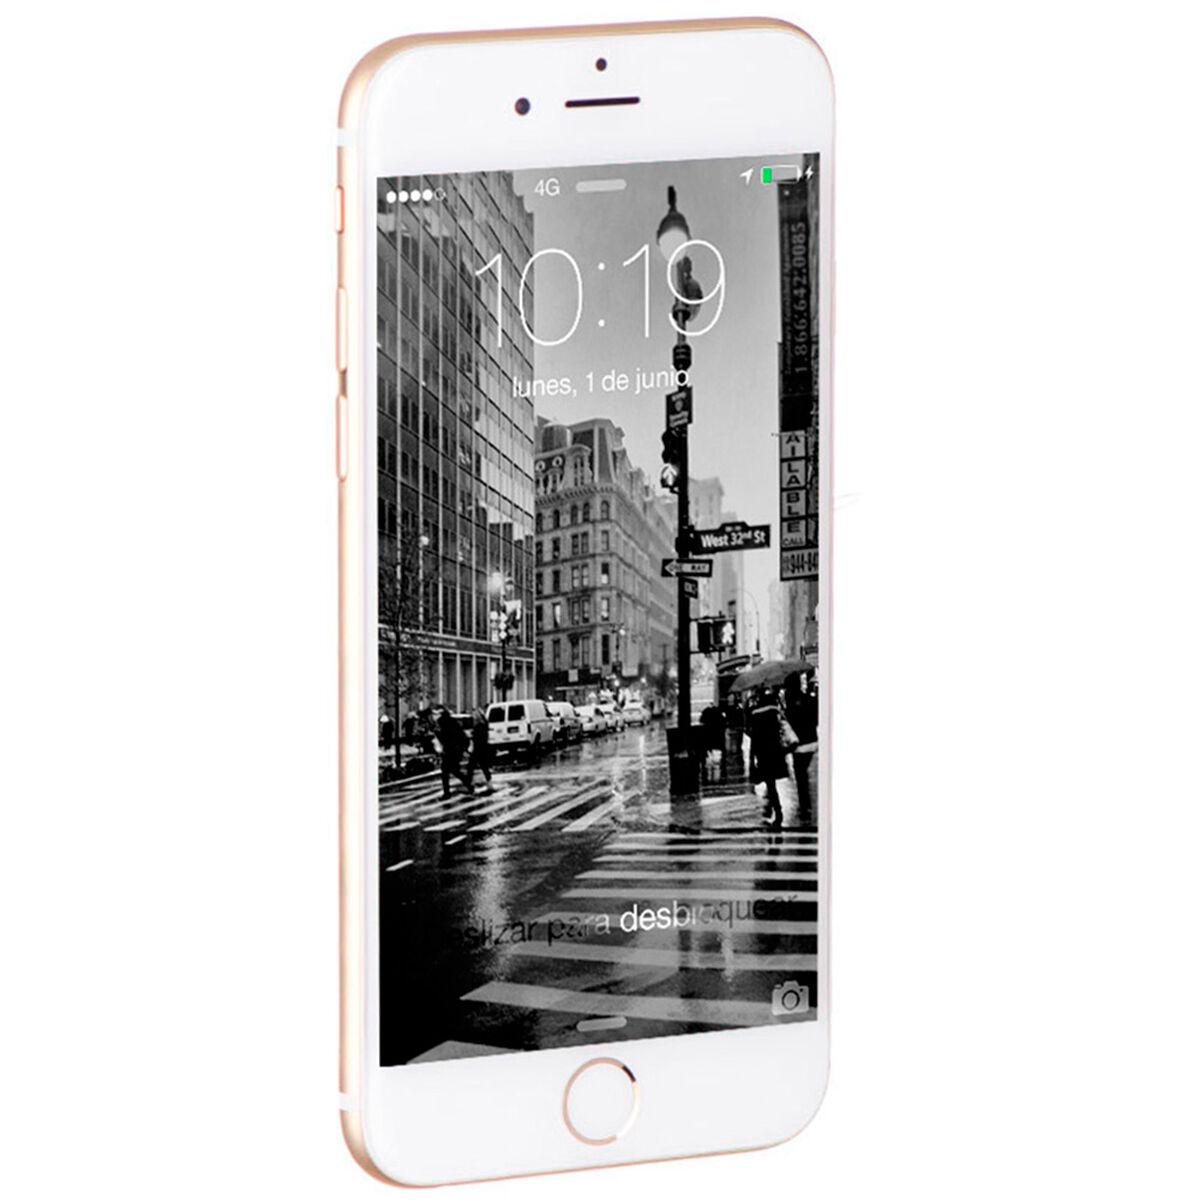 Iphone 6 Reacondicionado 16 GB